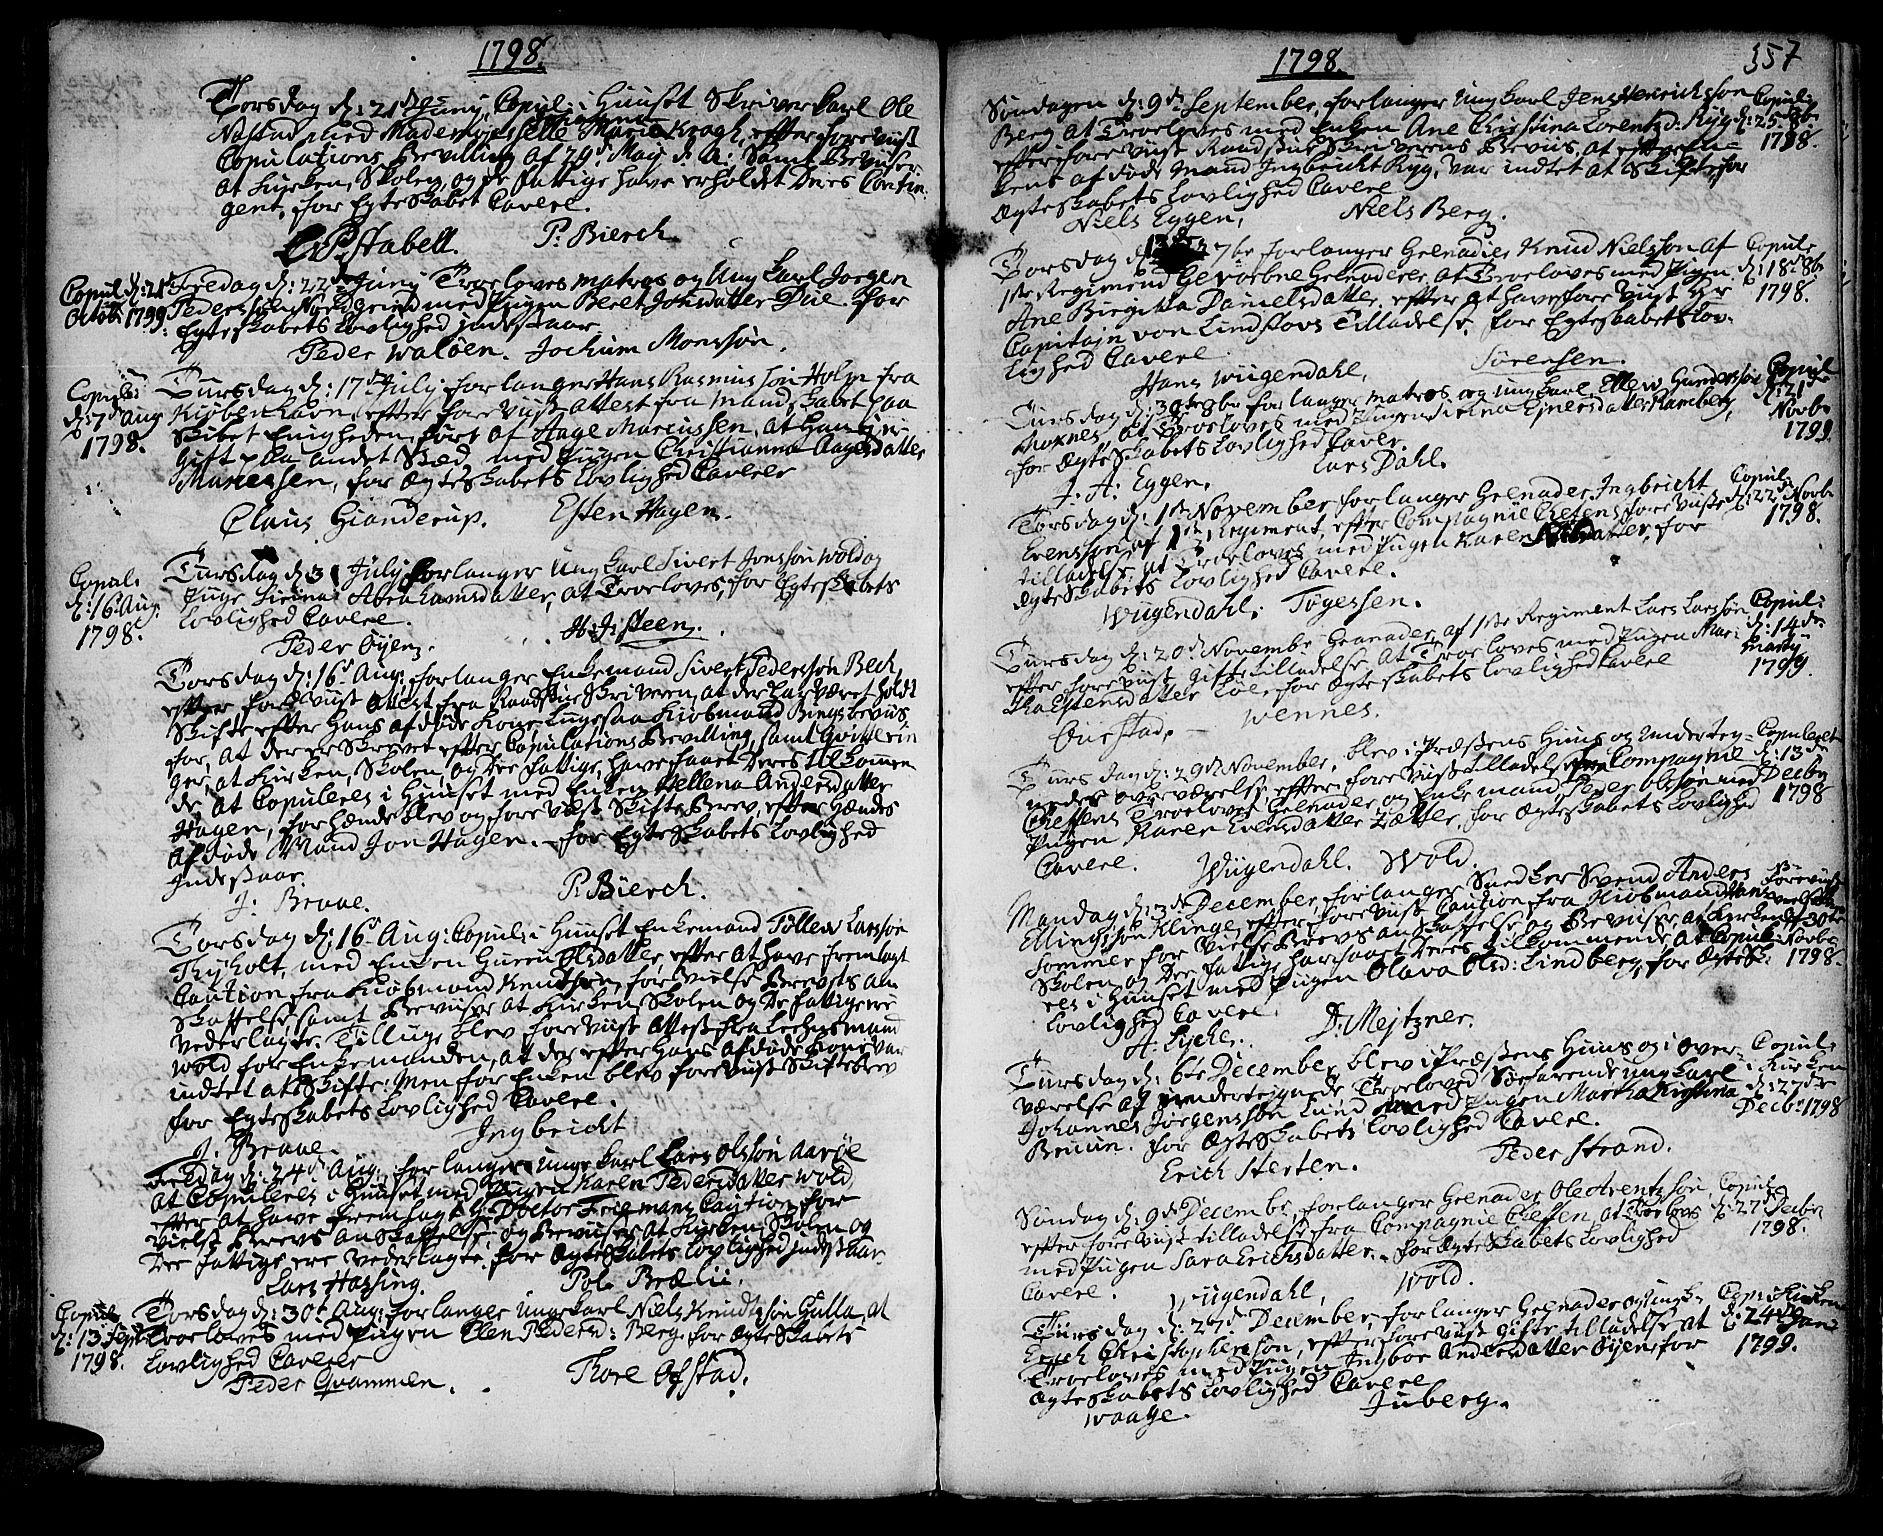 SAT, Ministerialprotokoller, klokkerbøker og fødselsregistre - Sør-Trøndelag, 601/L0038: Ministerialbok nr. 601A06, 1766-1877, s. 357